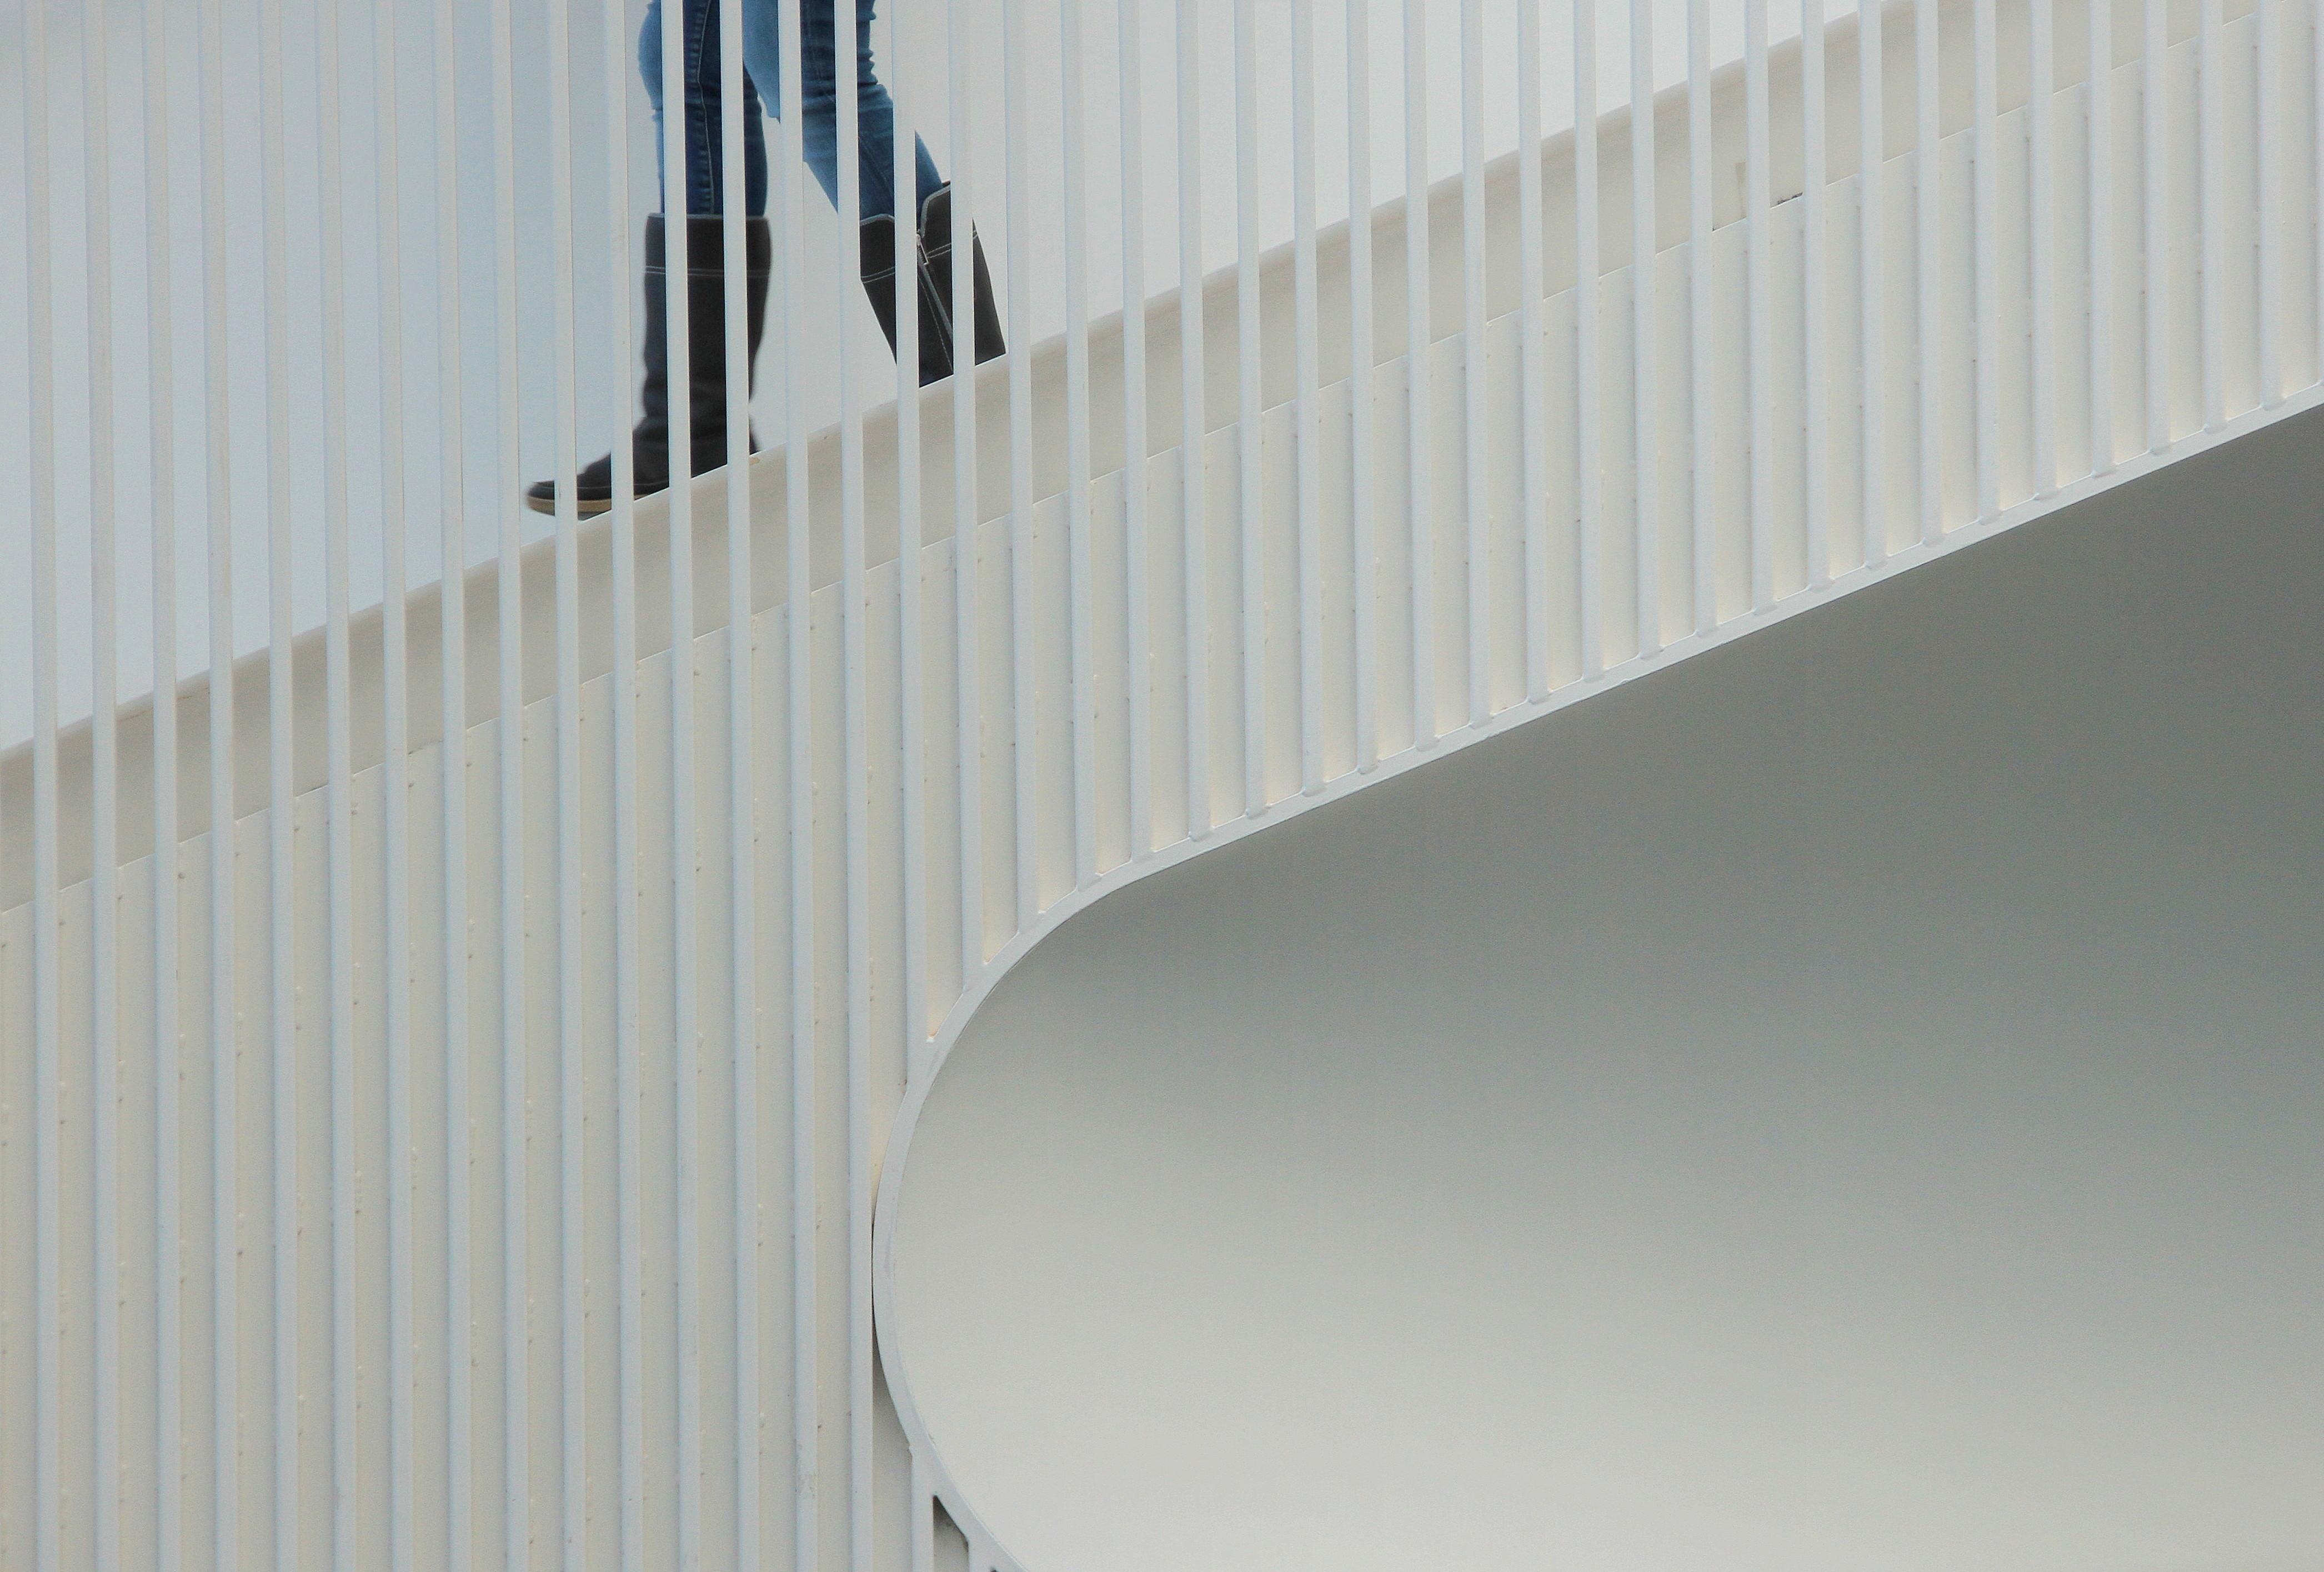 Innenarchitektur Niederlande hintergrundbilder beine mauer holz niederlande linien treppe innenarchitektur